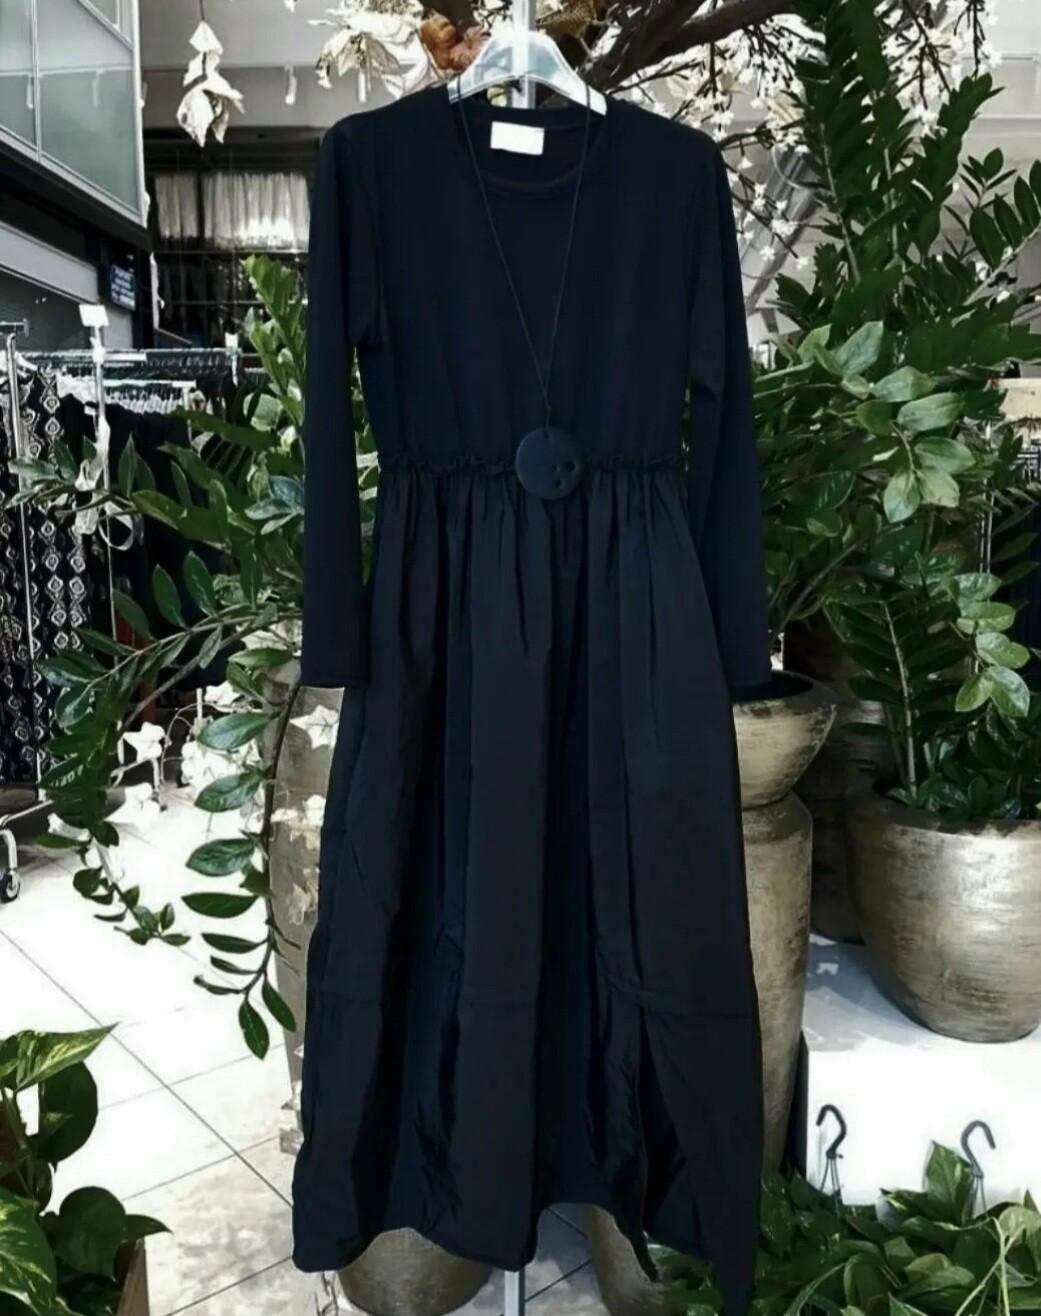 Black Tafetta Dress